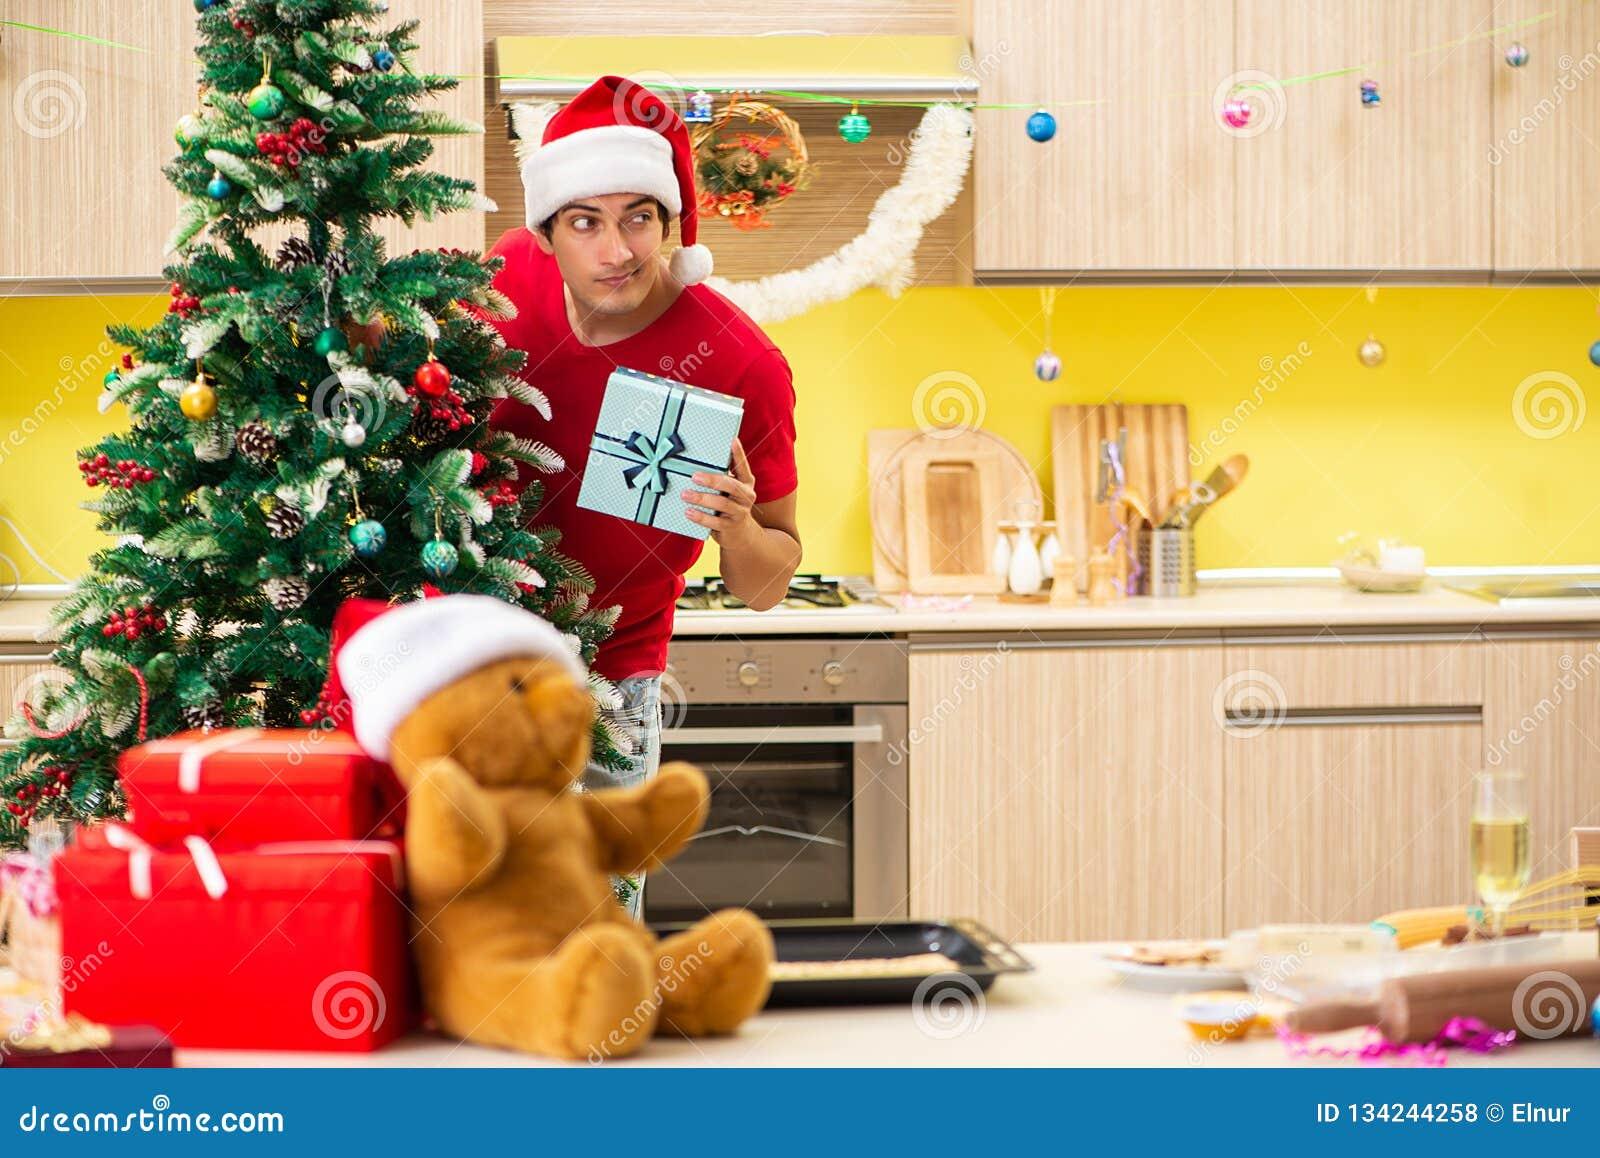 Τα Χριστούγεννα εορτασμού νεαρών άνδρων στην κουζίνα